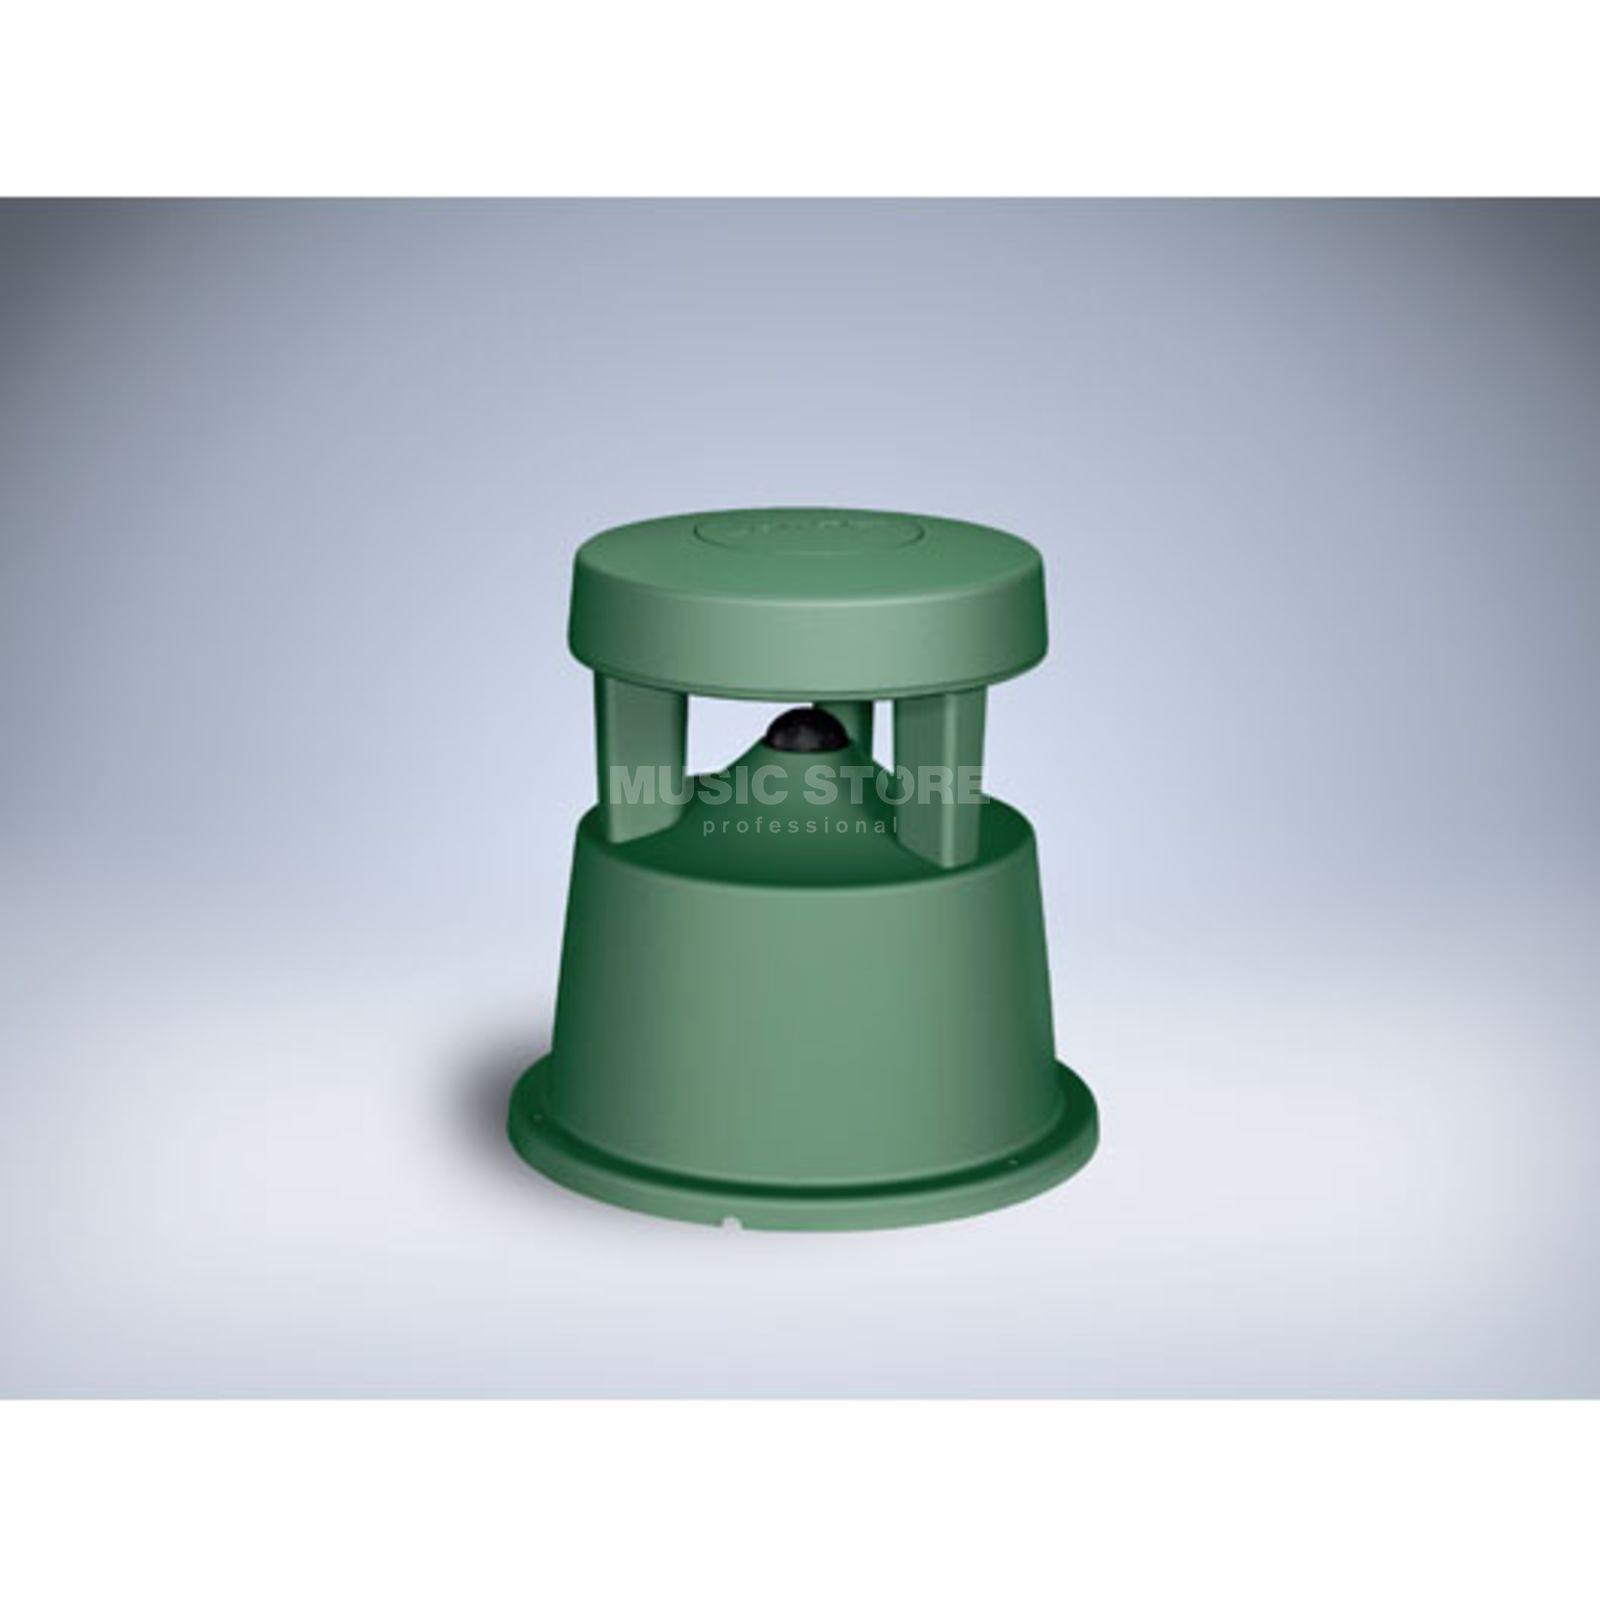 Bose Freespace 360p Ii 100v 360 176 Full Range Speaker 4 5